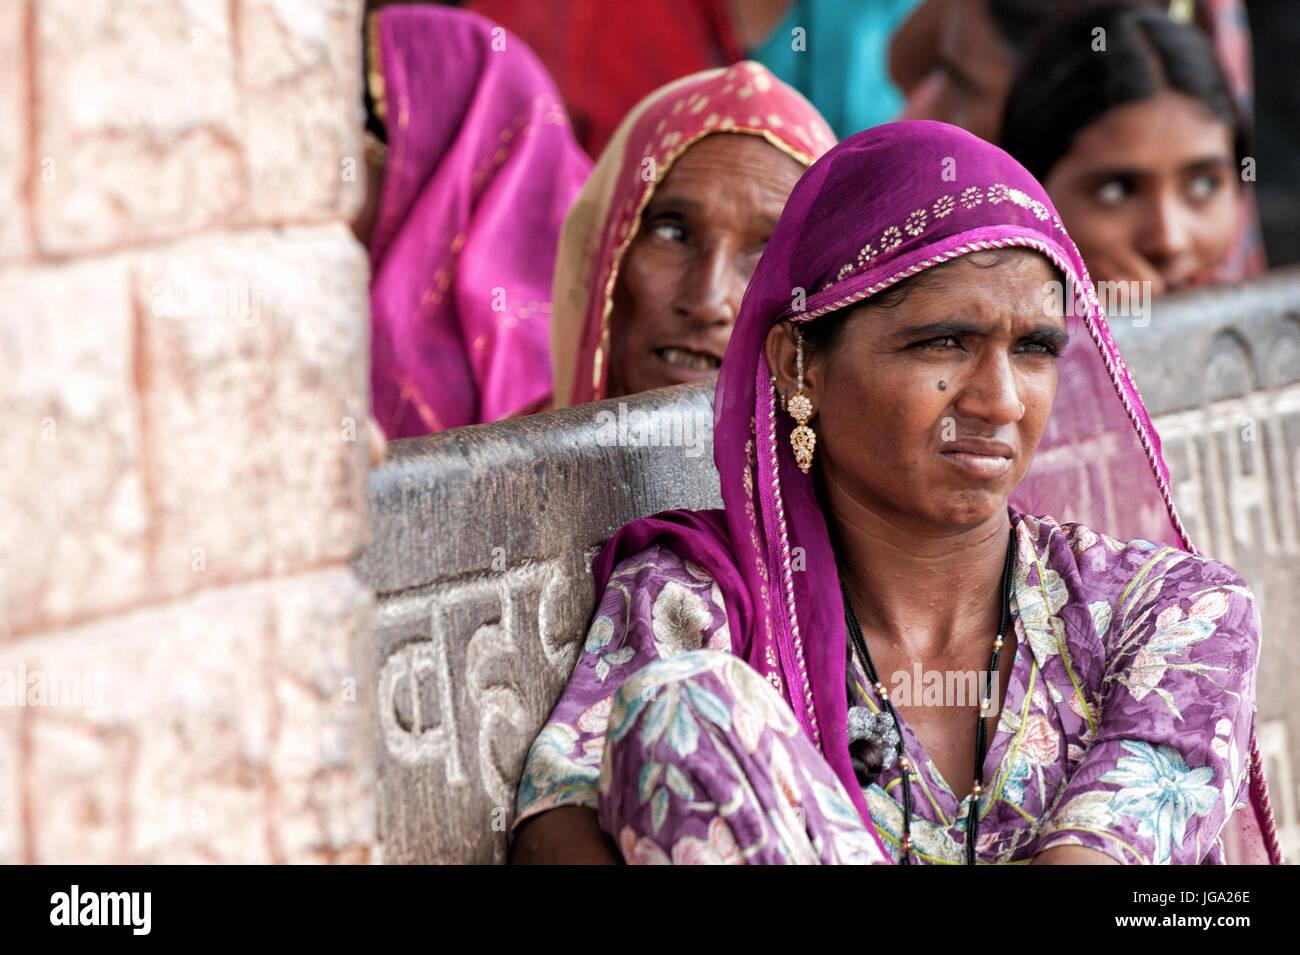 Bellissime le donne indiane in attesa per il bus in tradizionali abiti colorati, sari Immagini Stock